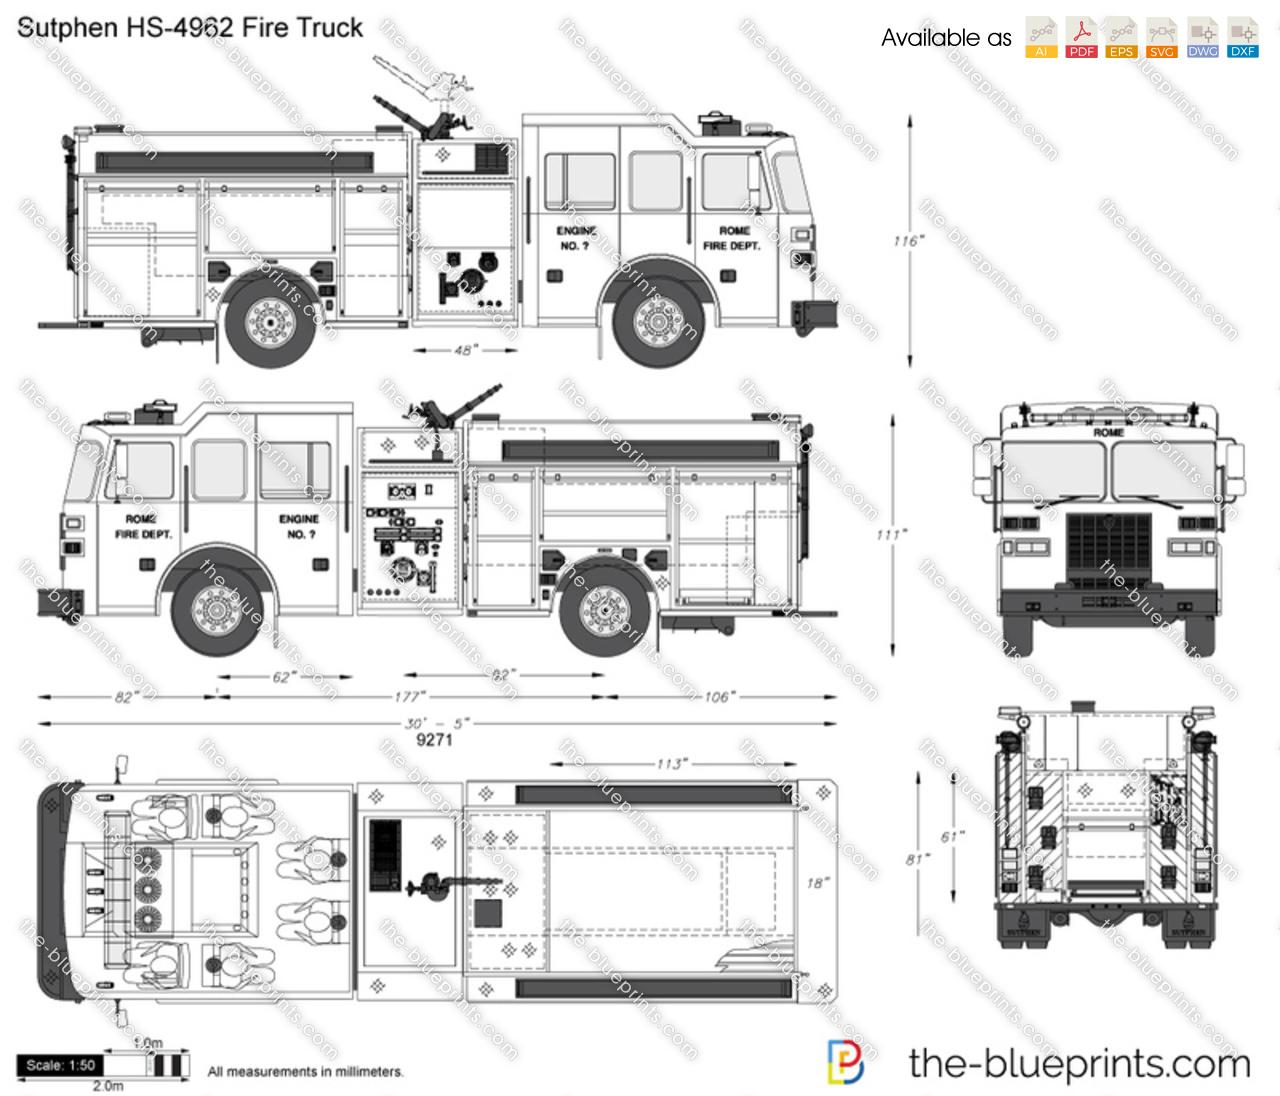 Sutphen Hs Fire Truck Vector Drawing